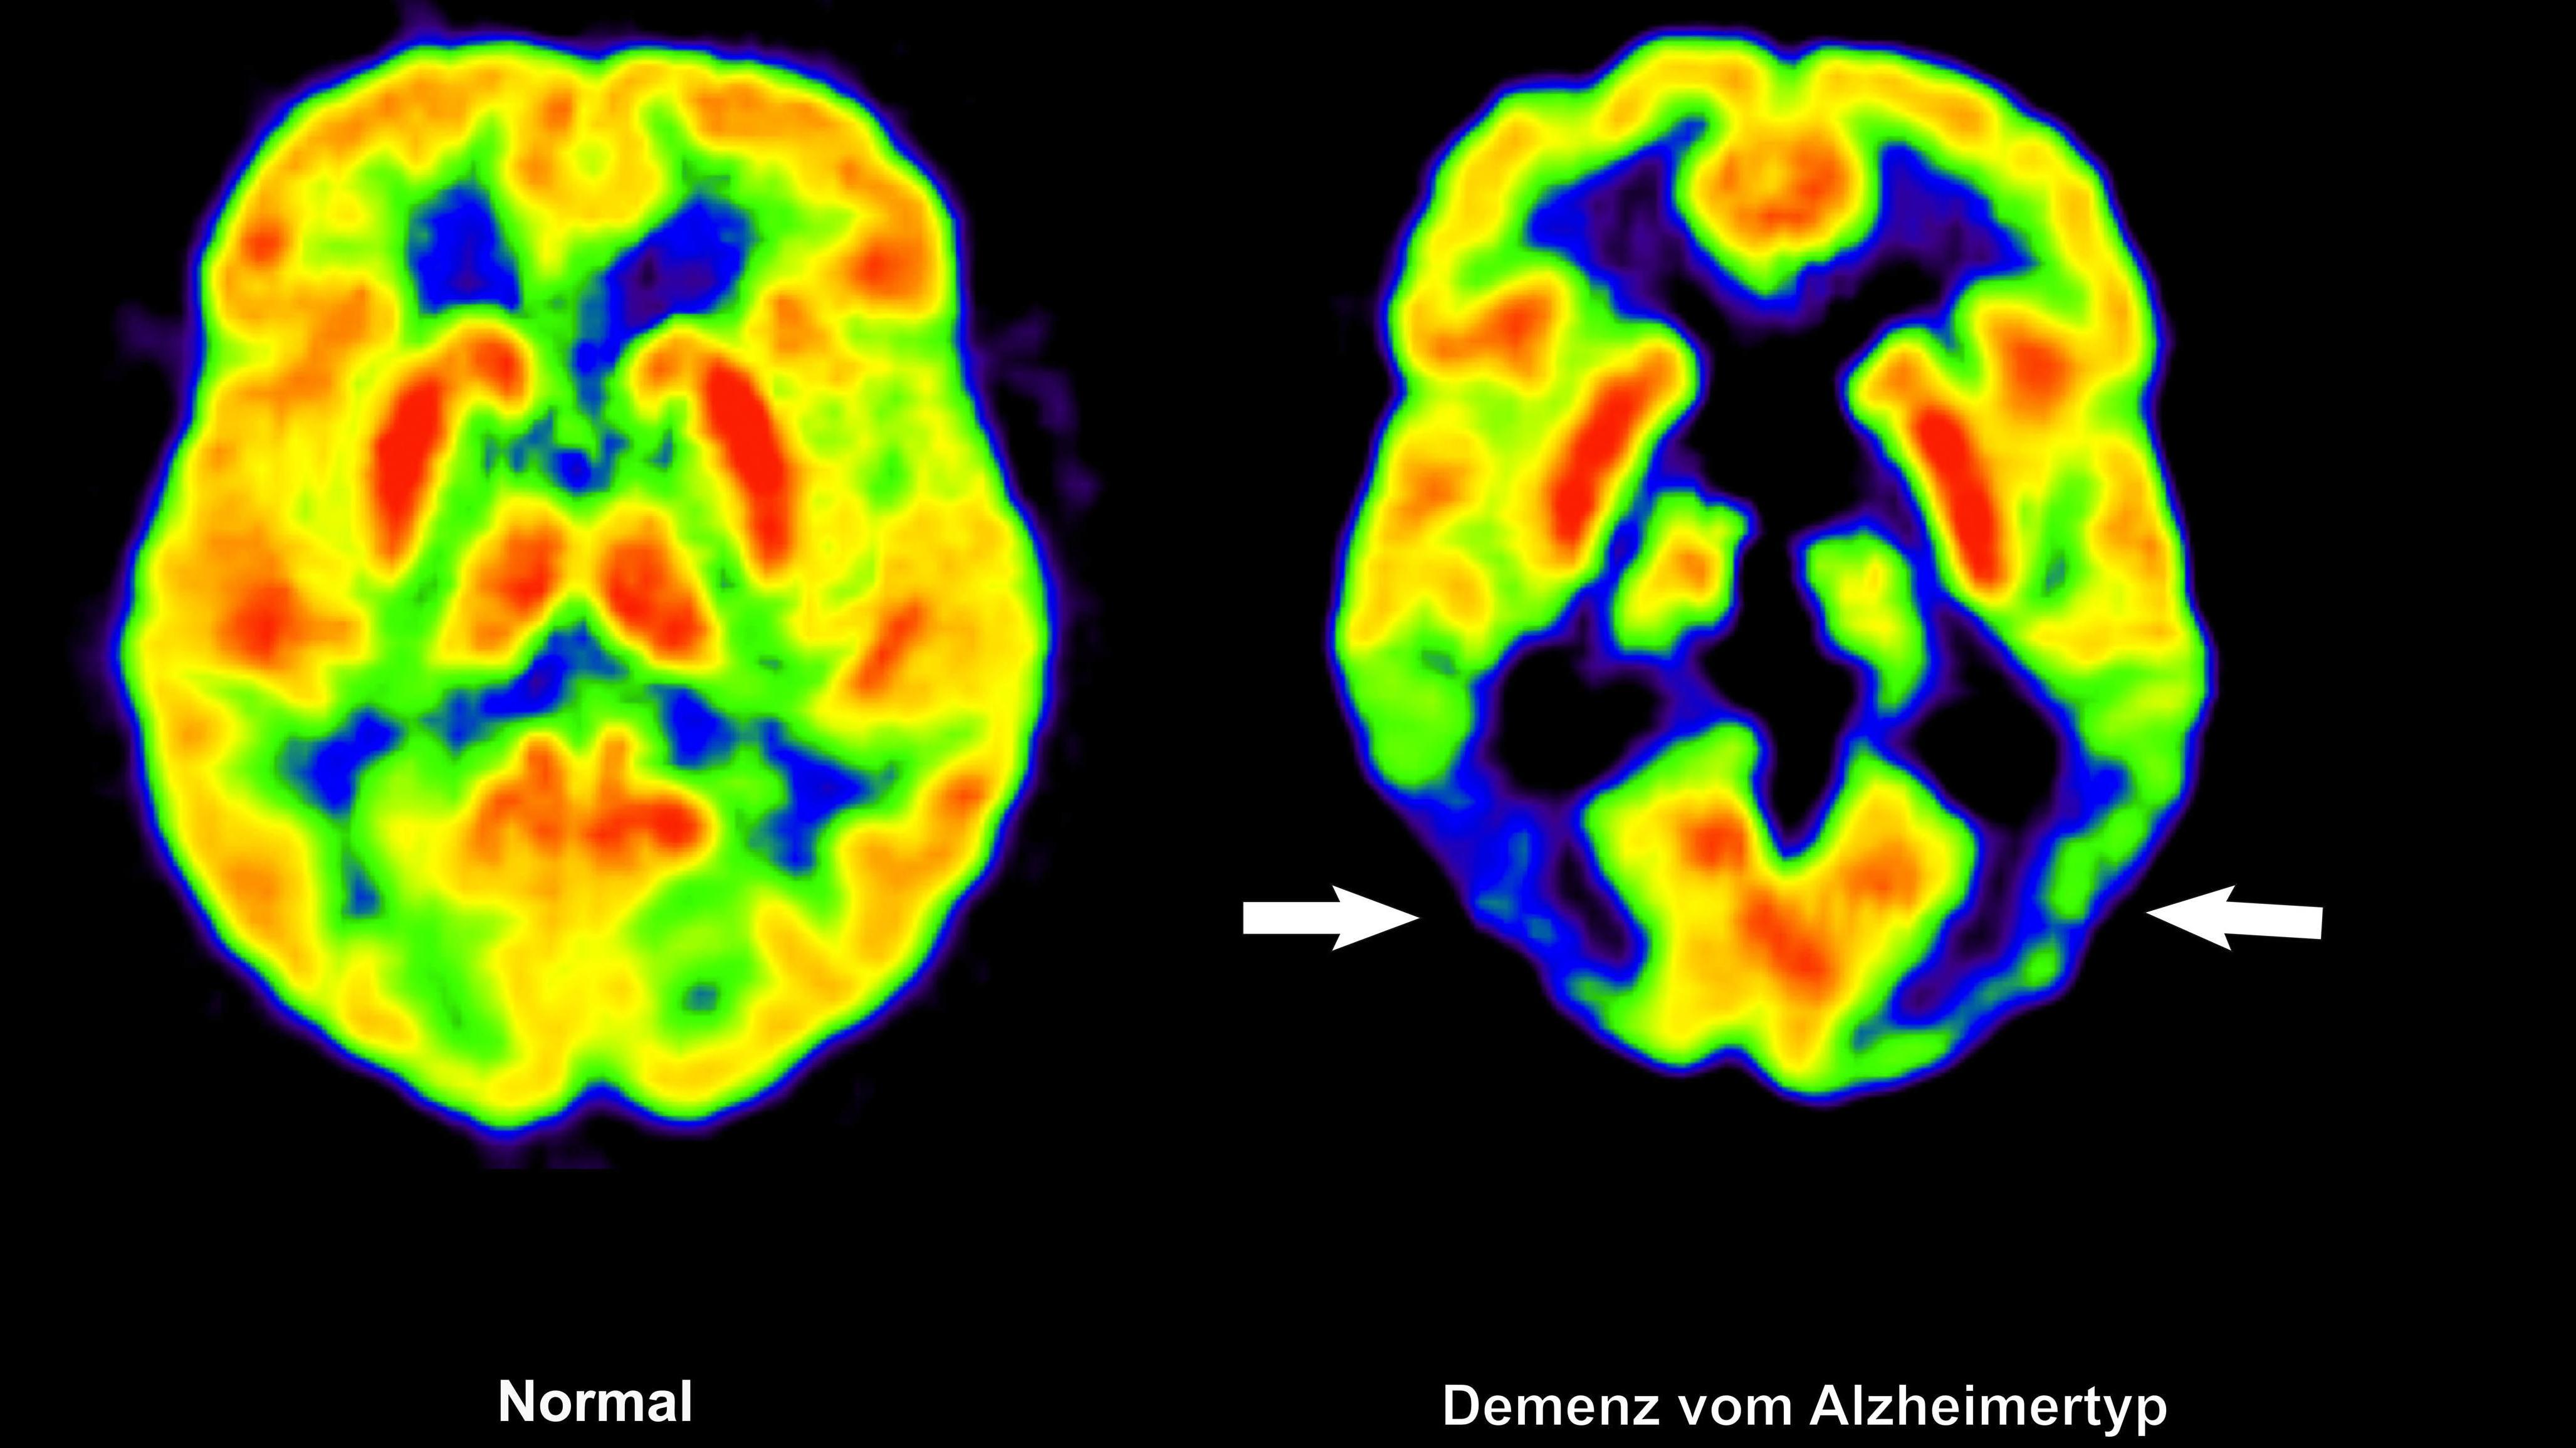 Gegenüberstellung zweier Gehirne mithilfe einer Positronen-Emissions-Tomografie (PET): links im gesunden Zustand, rechts mit Alzheimer. US-Forscher haben jetzt ein Programm entwickelt, mit dem Anzeichen von Alzheimer früher erkannt werden können als bisher.